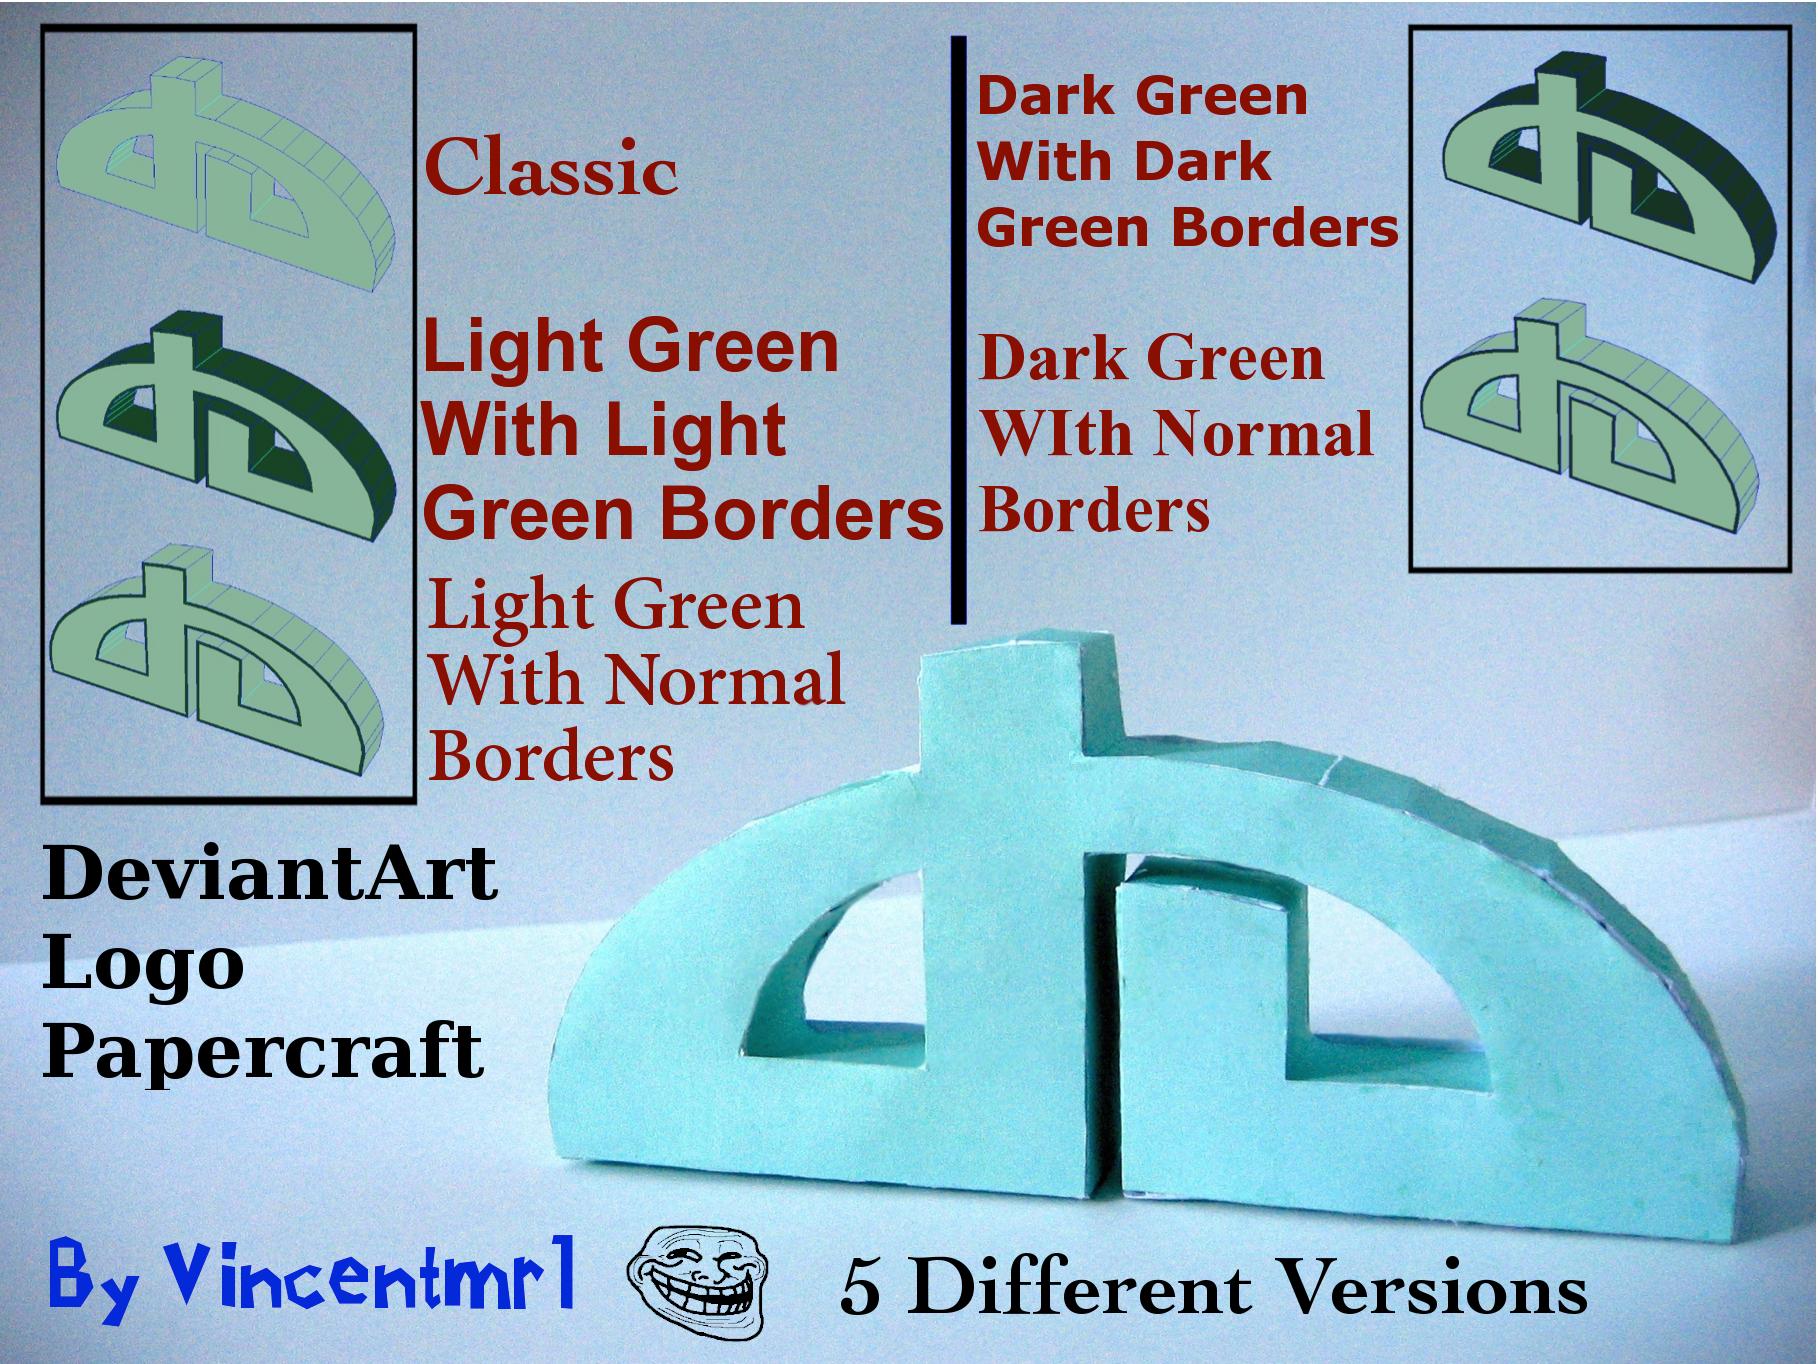 DeviantArt Logo Papercraft by Vincentmrl